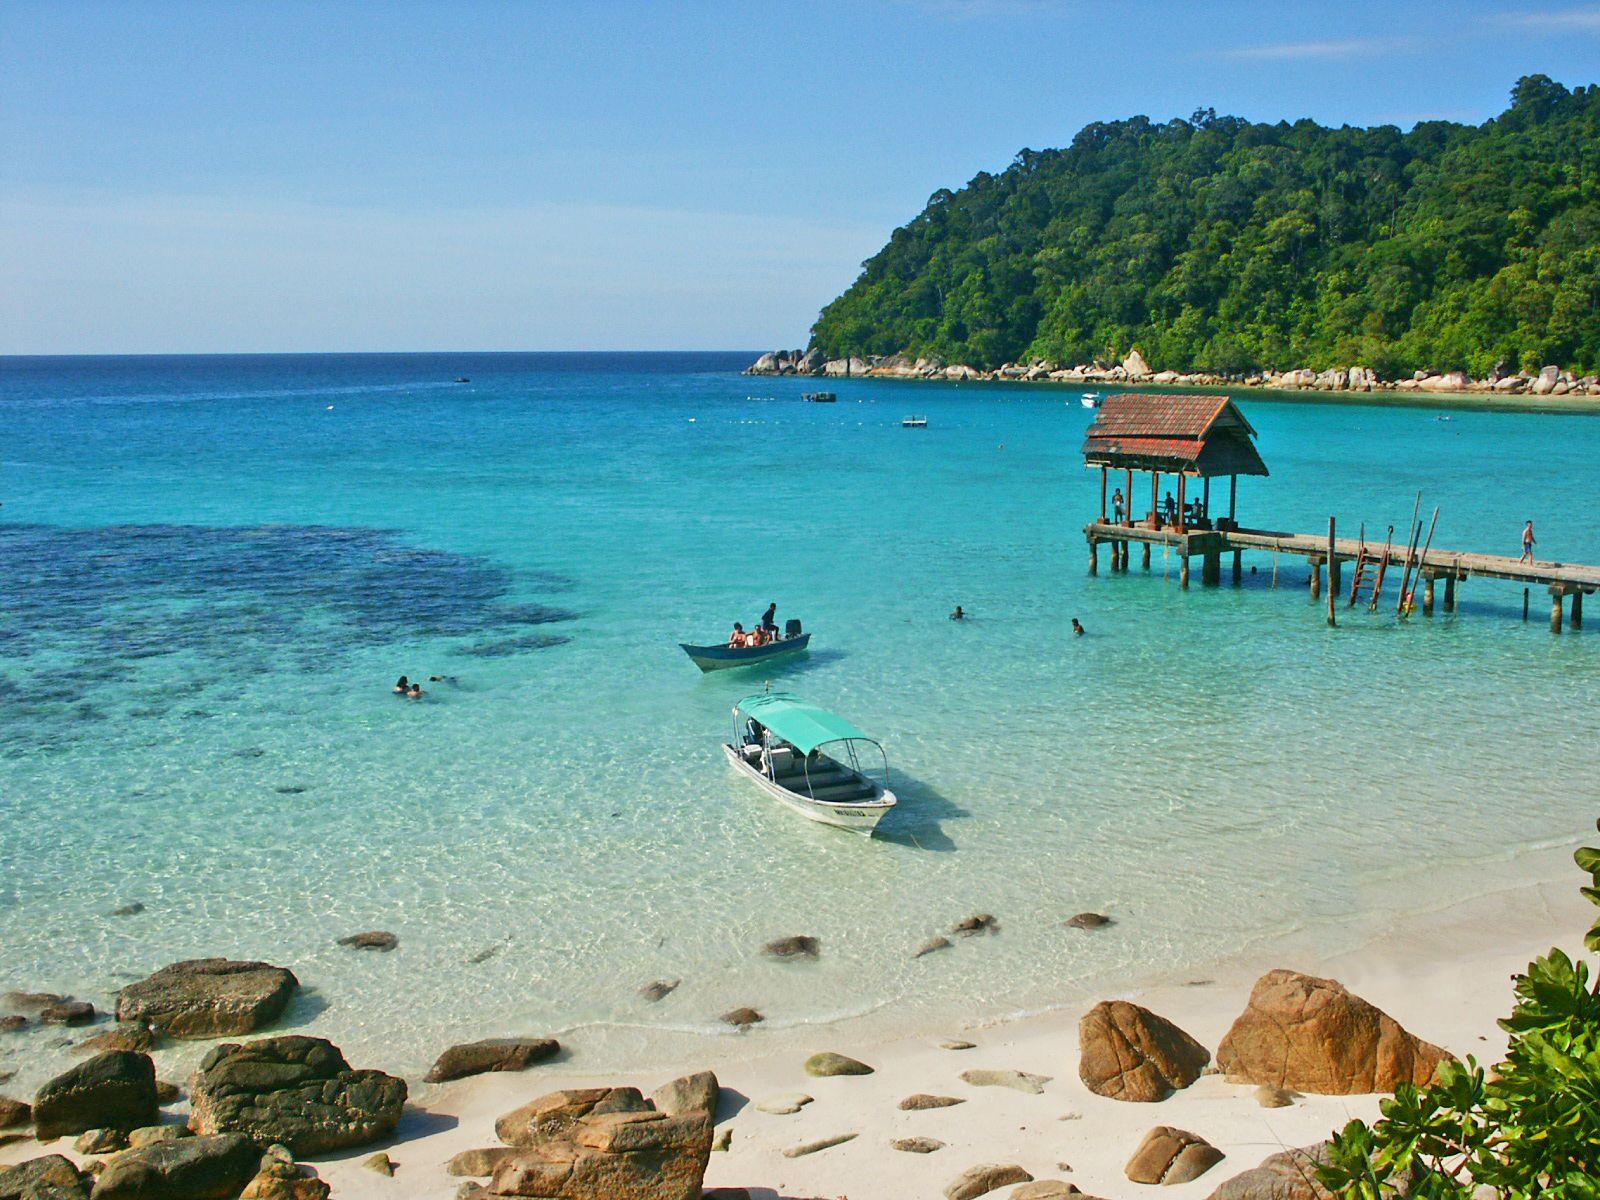 малайзия пляжный отдых фото наука, разумеется, признаёт